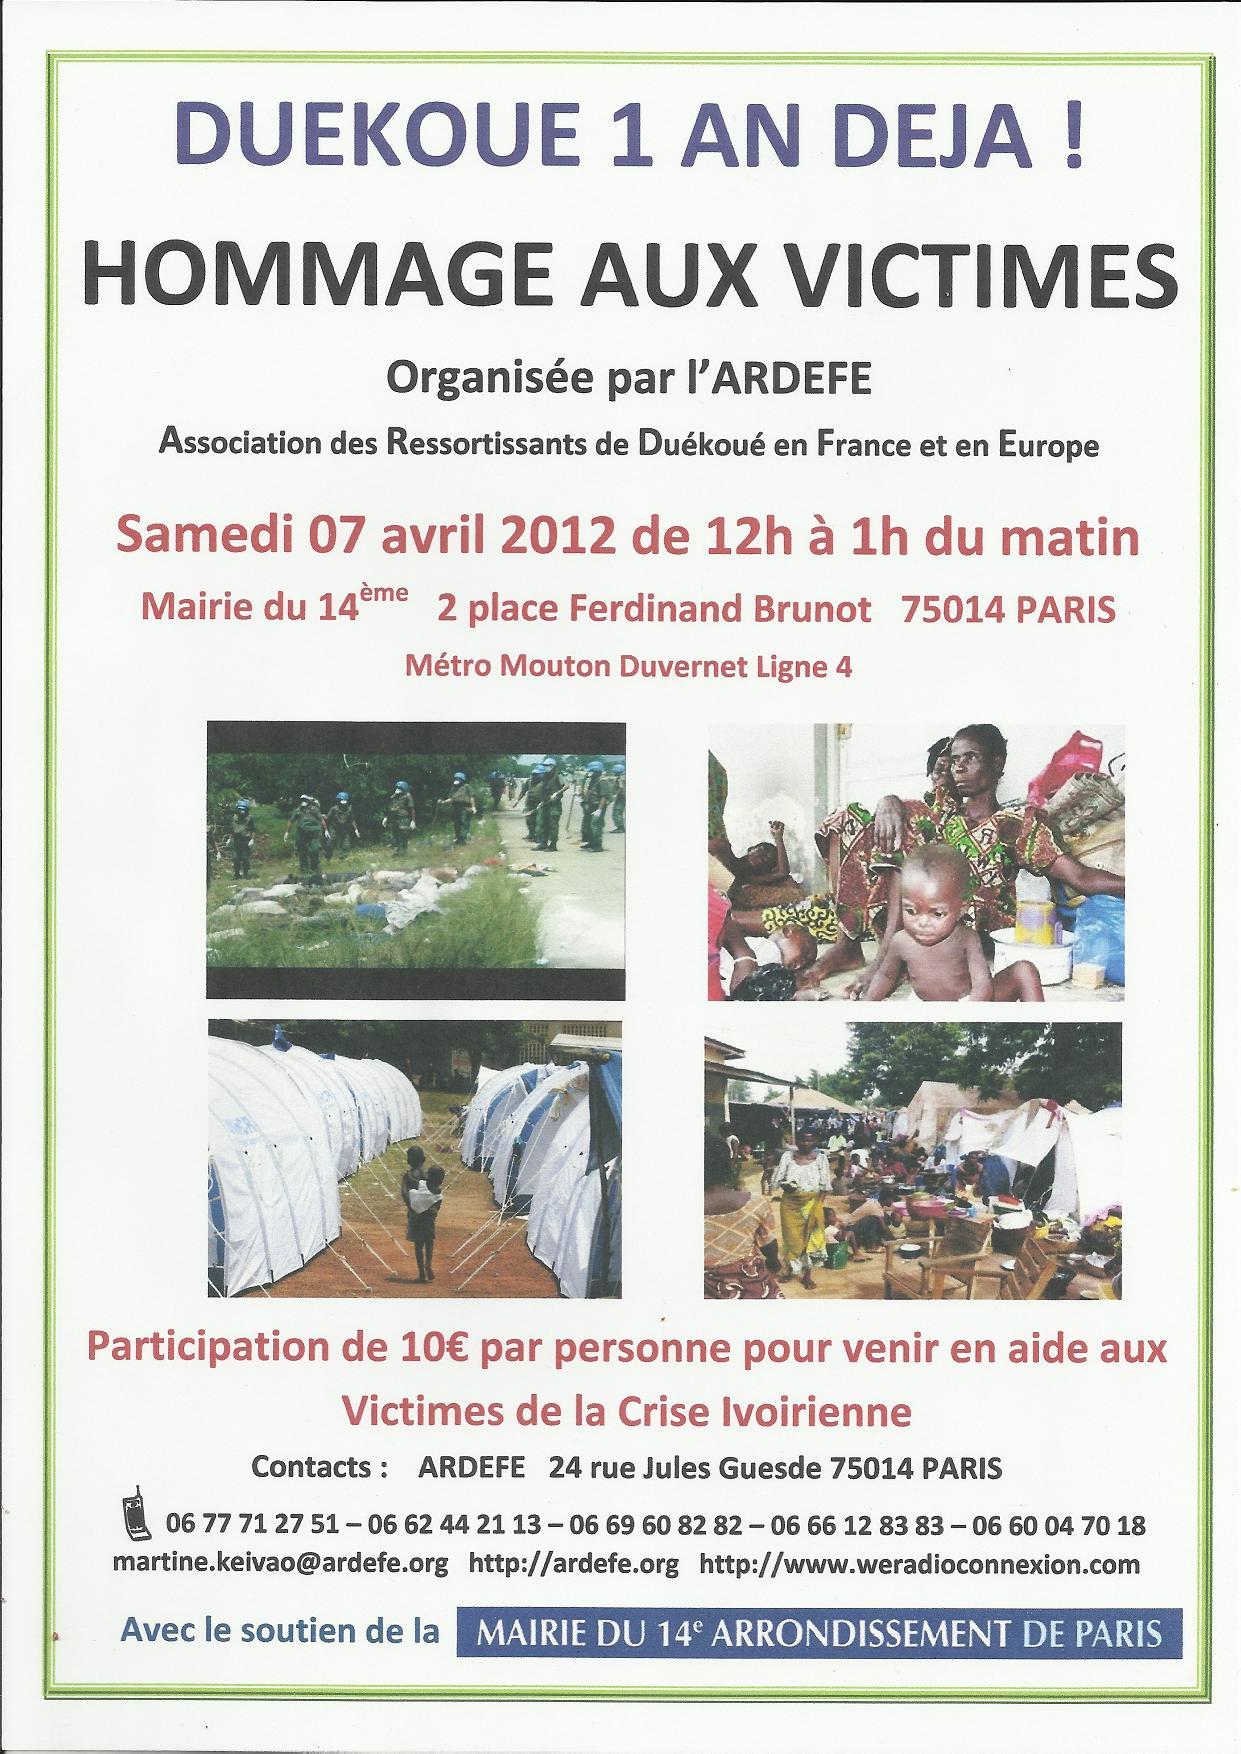 Samedi 7 Avril de 12h à 1h du matin : journée hommage aux victimes Wê de la crise ivoirienne en général et à Duékoué en particulier